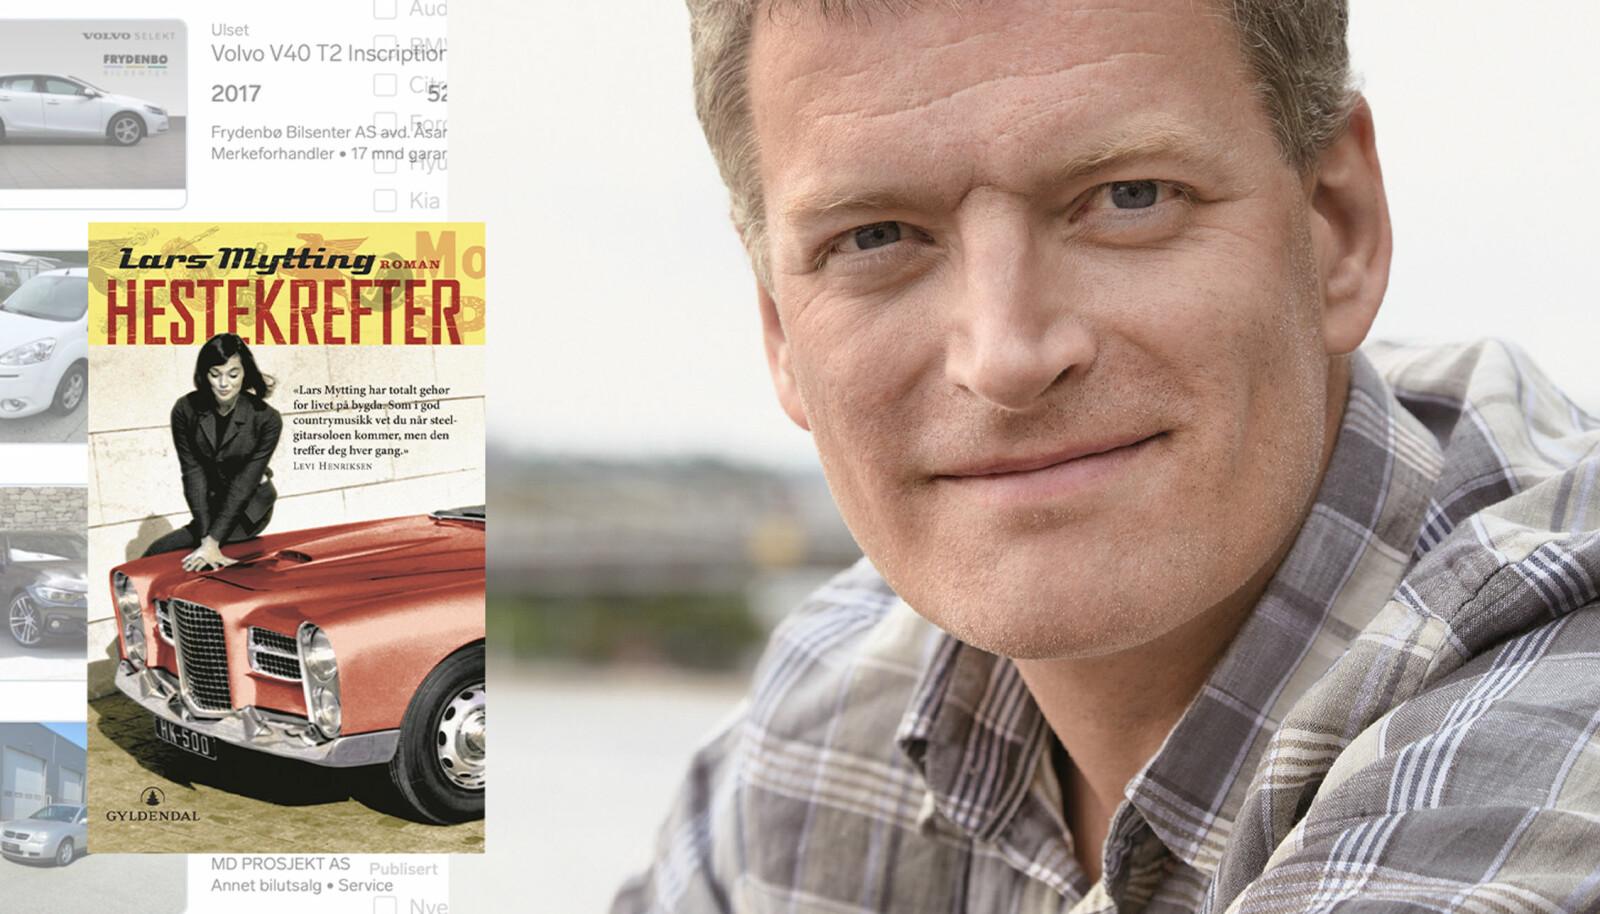 ORDKUNSTER: Forfatter Lars Mytting husker stadig annonseteksten på bruktbilen han solgte raskest.